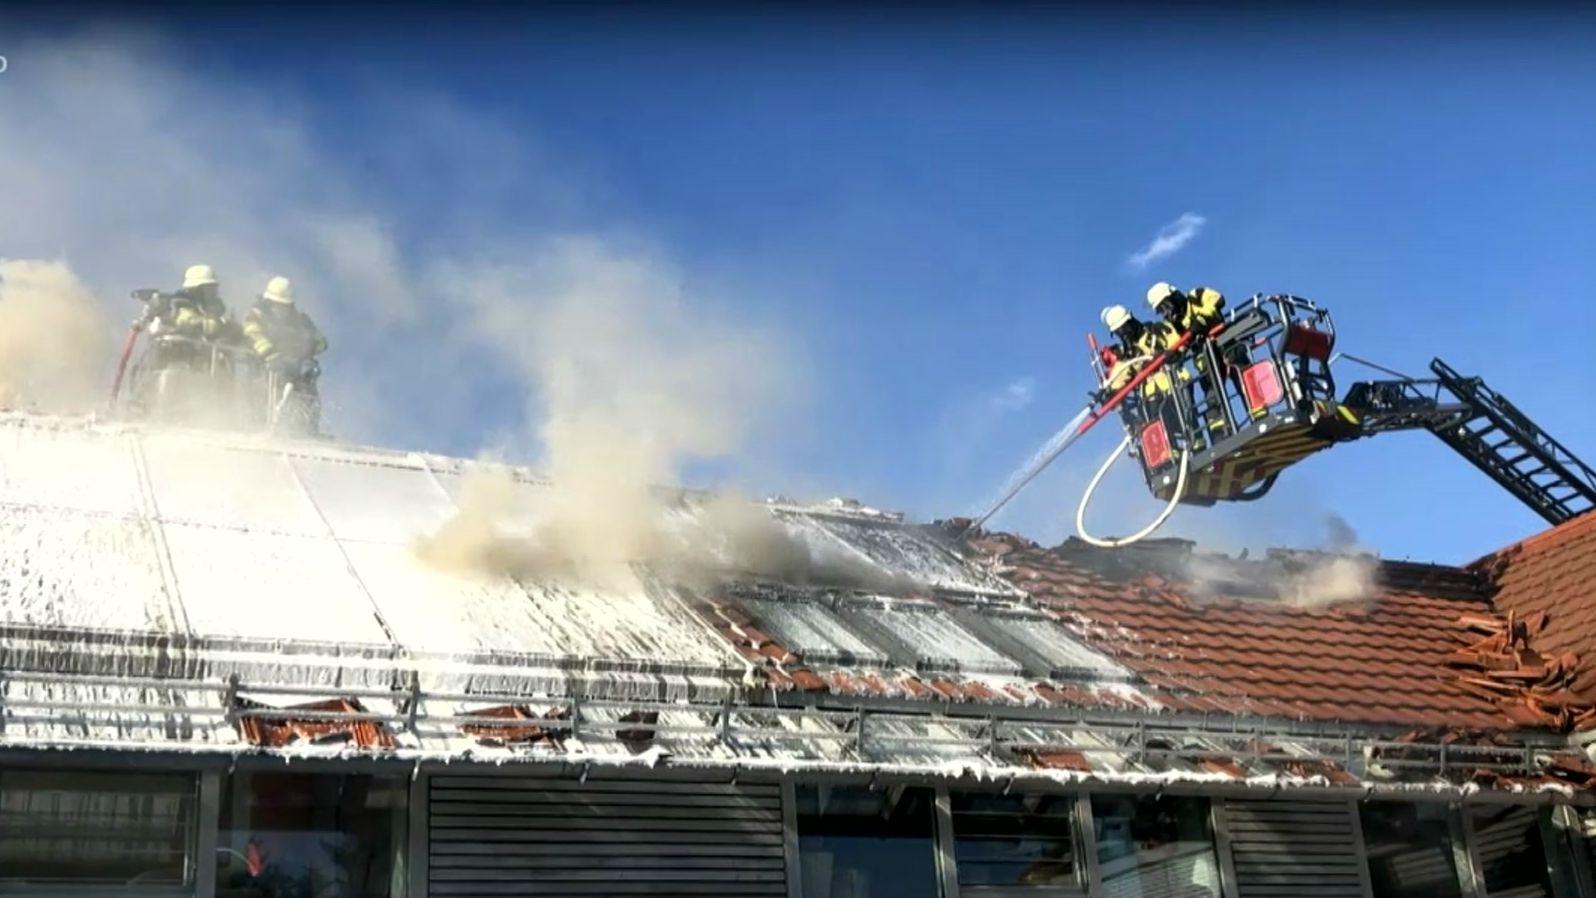 Löscharbeiten bei einer brennenden Solarthermieanlage